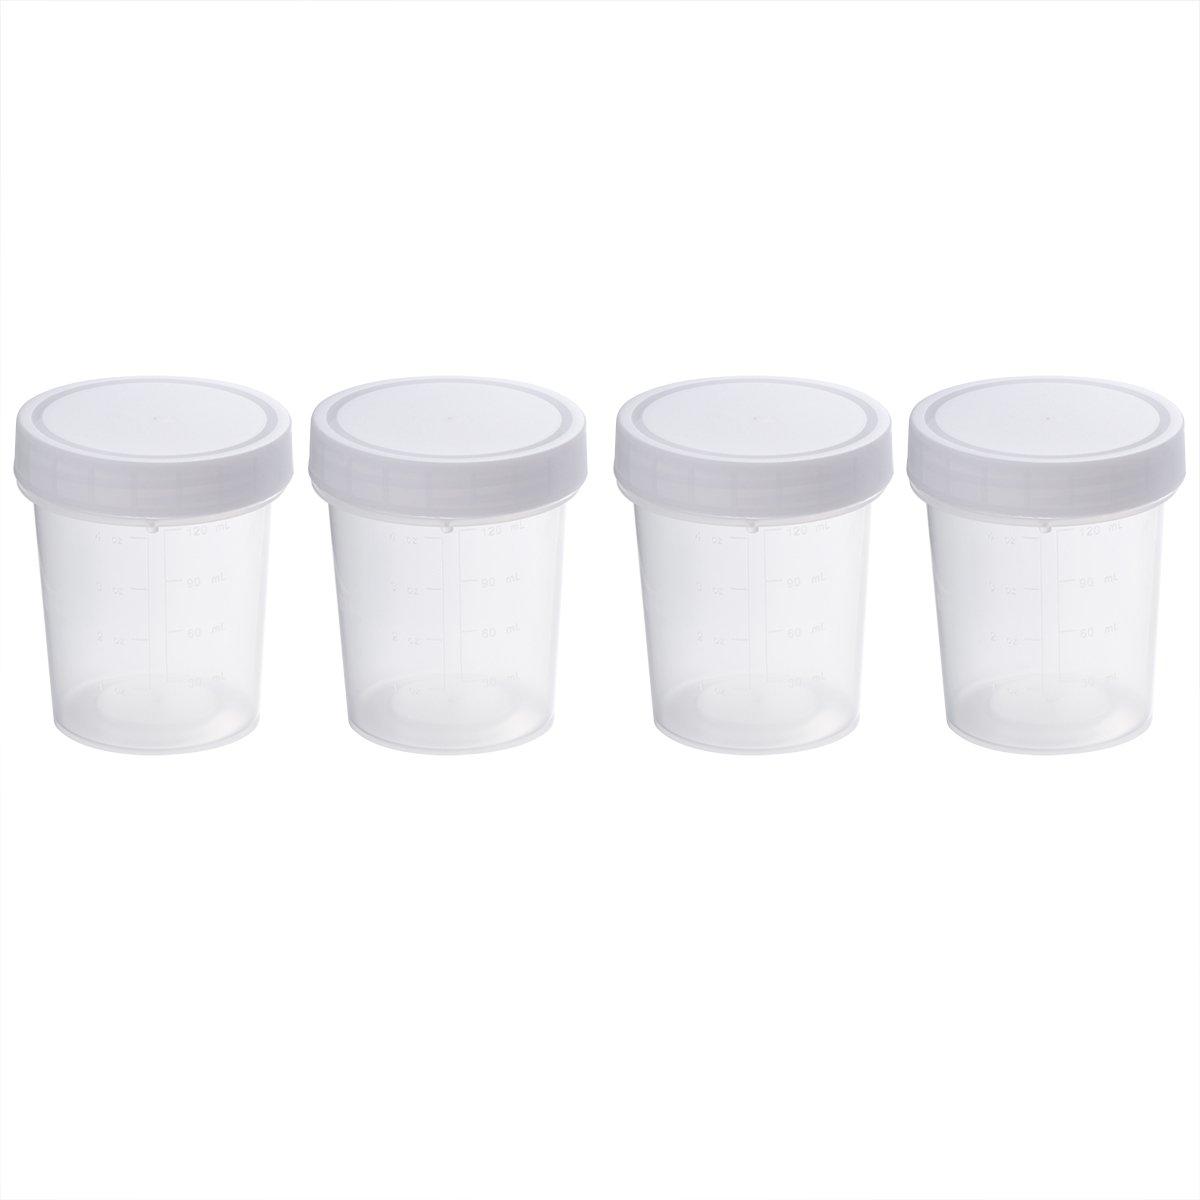 UKCOCO 4Pcs 120ML pratique en plastique spécimen tasse avec échelle stérile conteneur sans utilisation médicale de laboratoire de Lable (blanc)